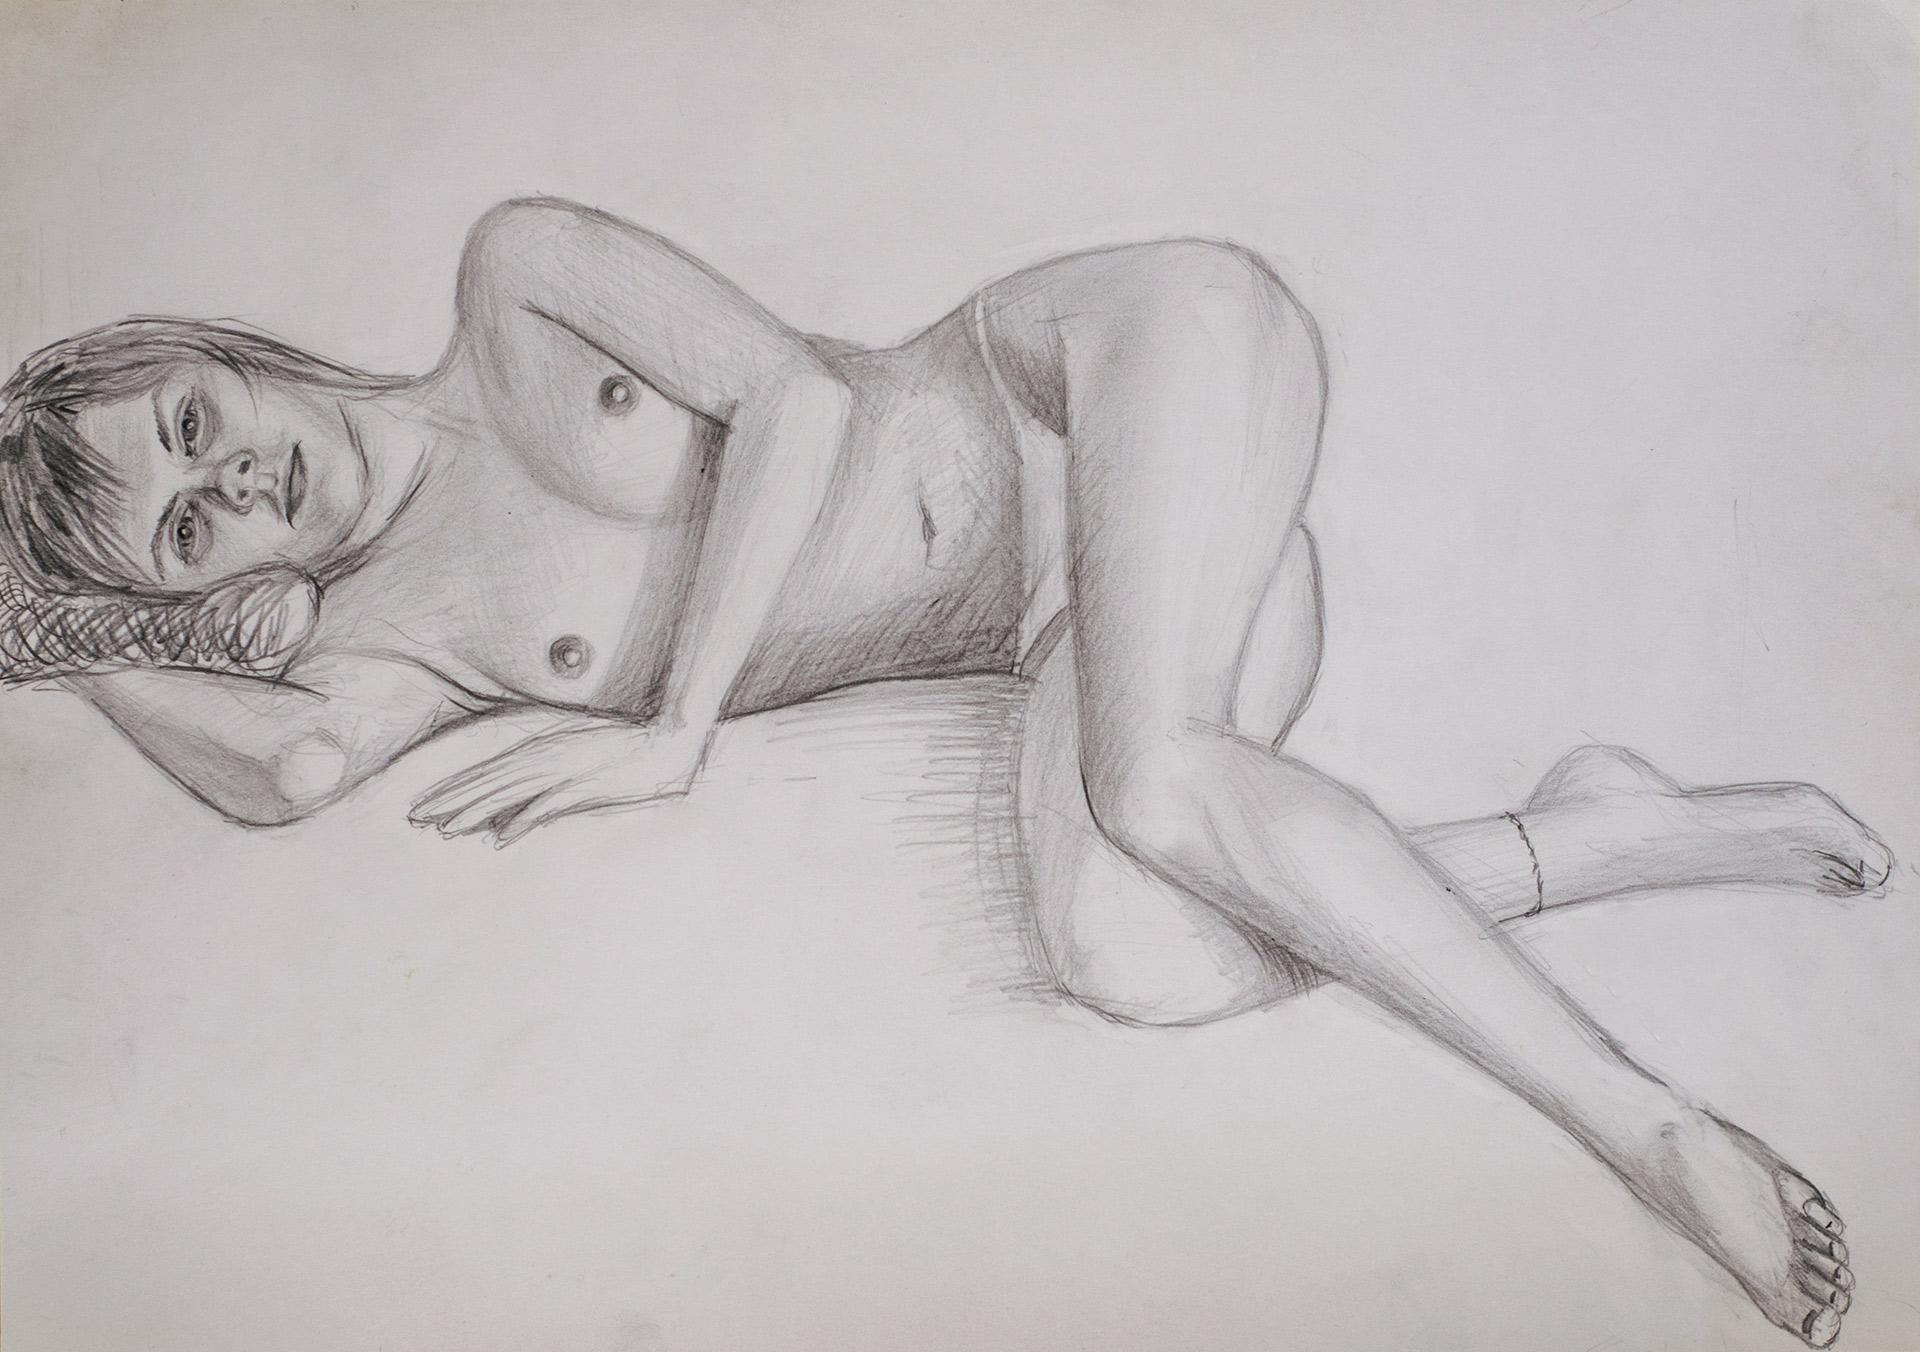 Эротика нарисованная карандашём смотреть бесплатно 12 фотография